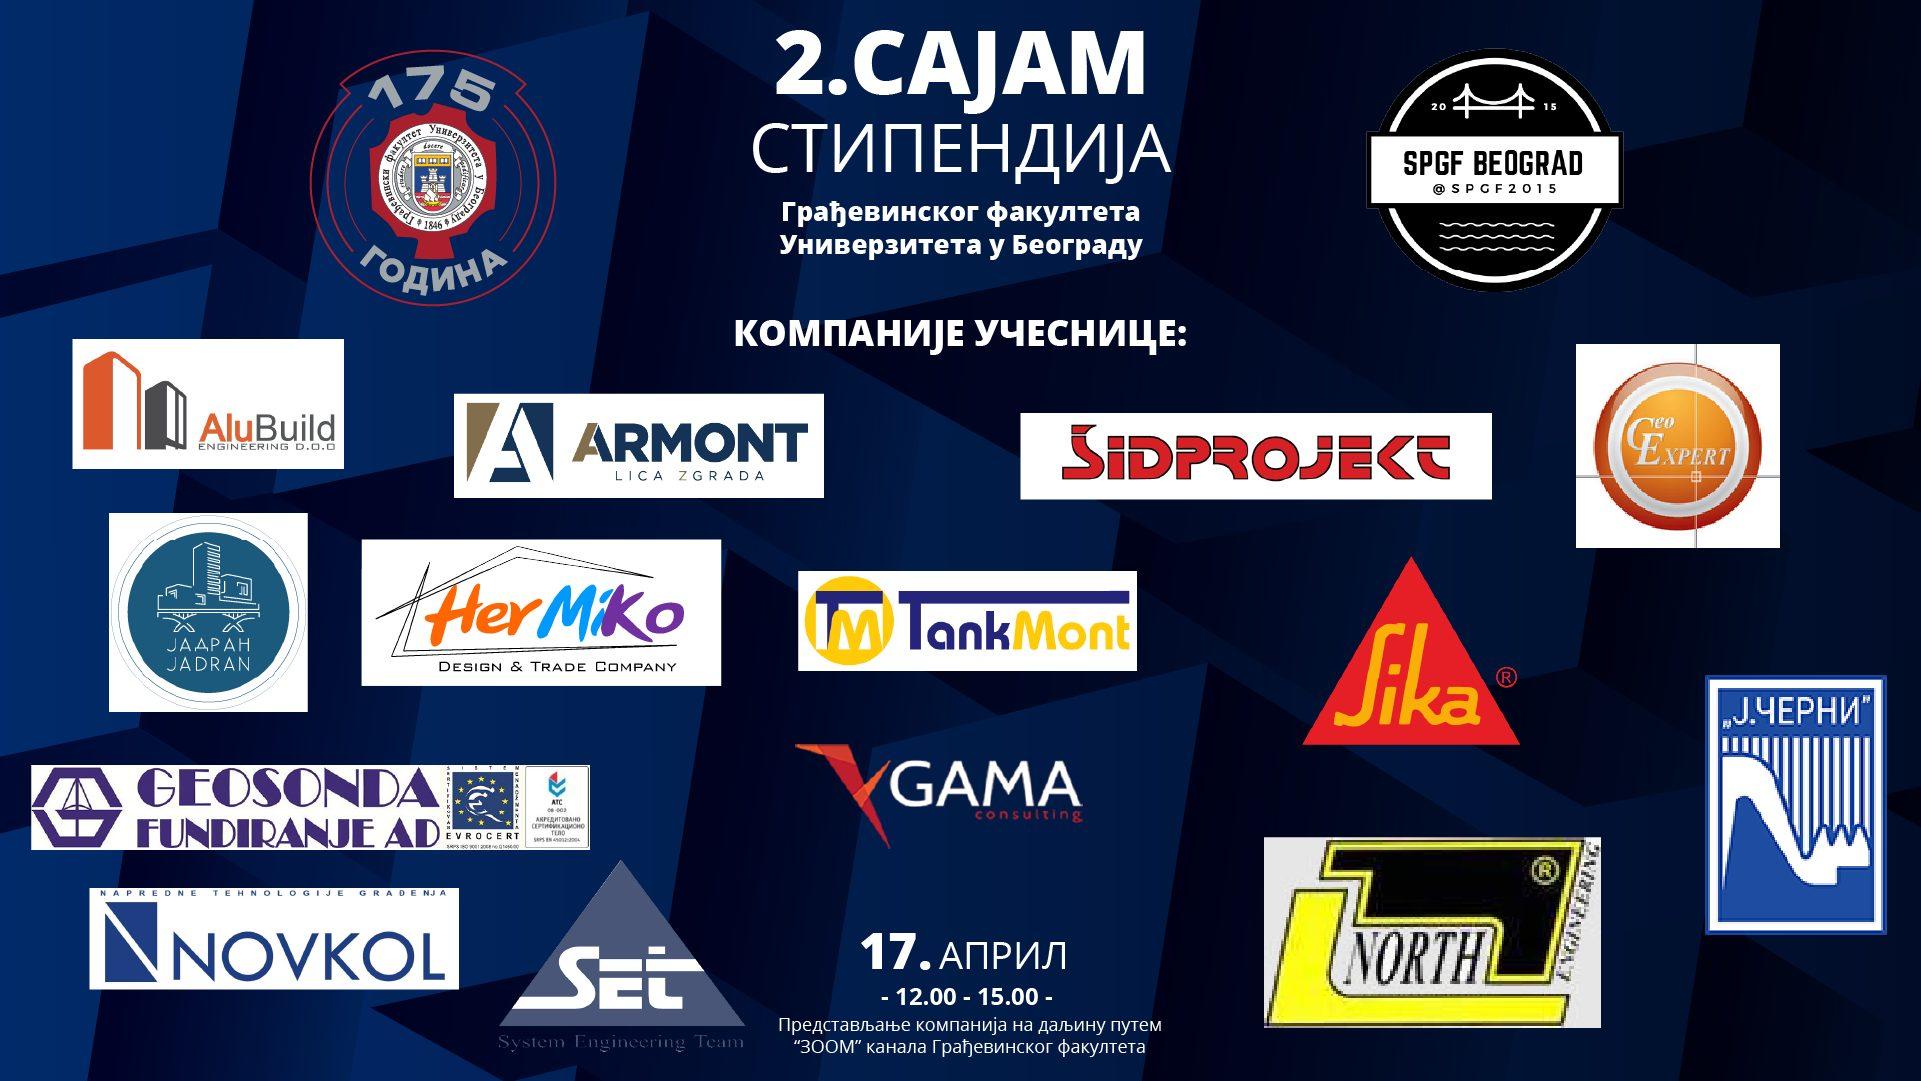 Sajam stipendija na Građevinskom fakultetu u Beogradu 1